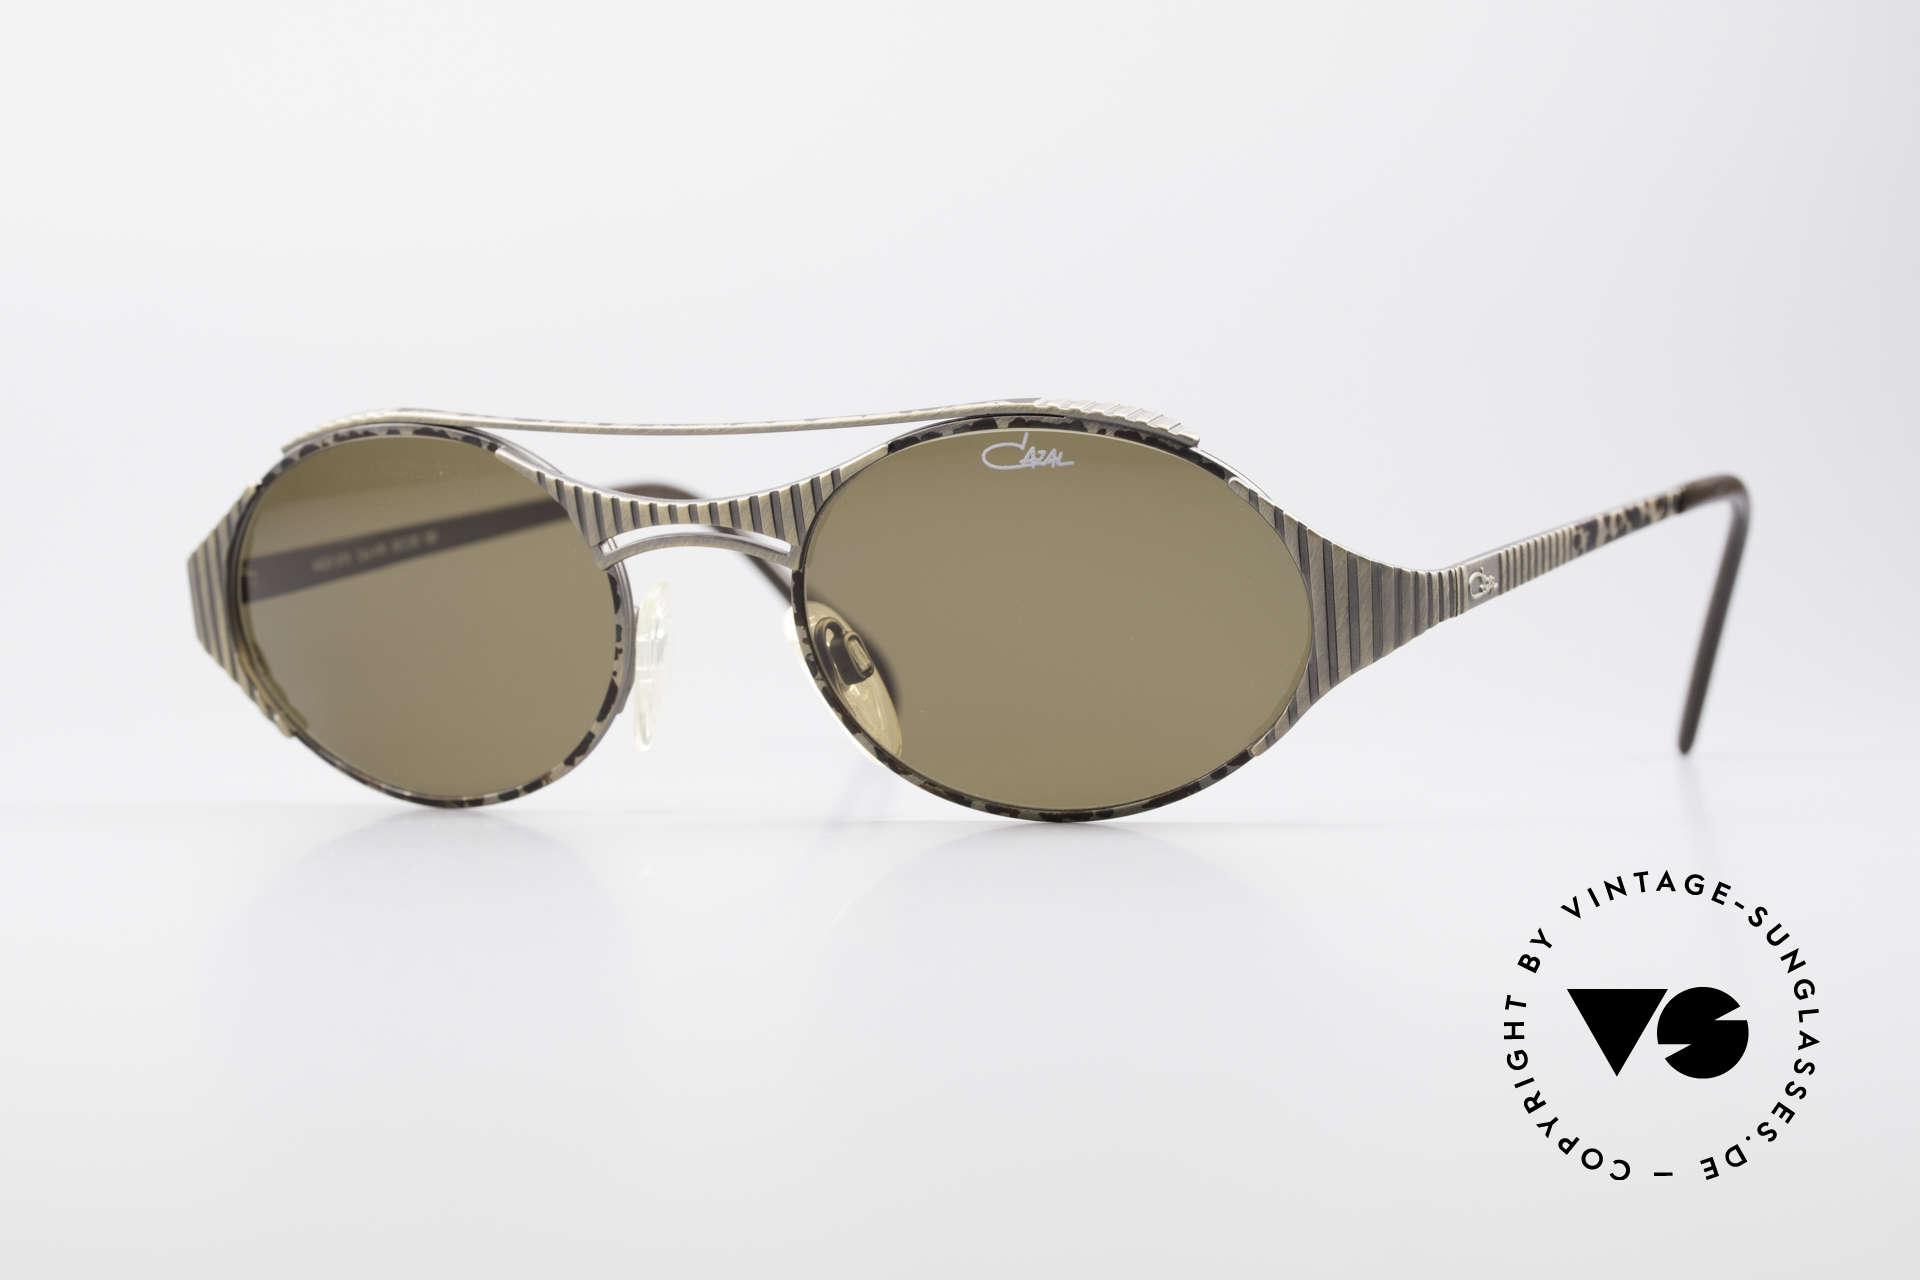 Cazal 978 Vintage Designer Sonnenbrille, großartiges CAZAL Design aus den späten 1990ern, Passend für Herren und Damen